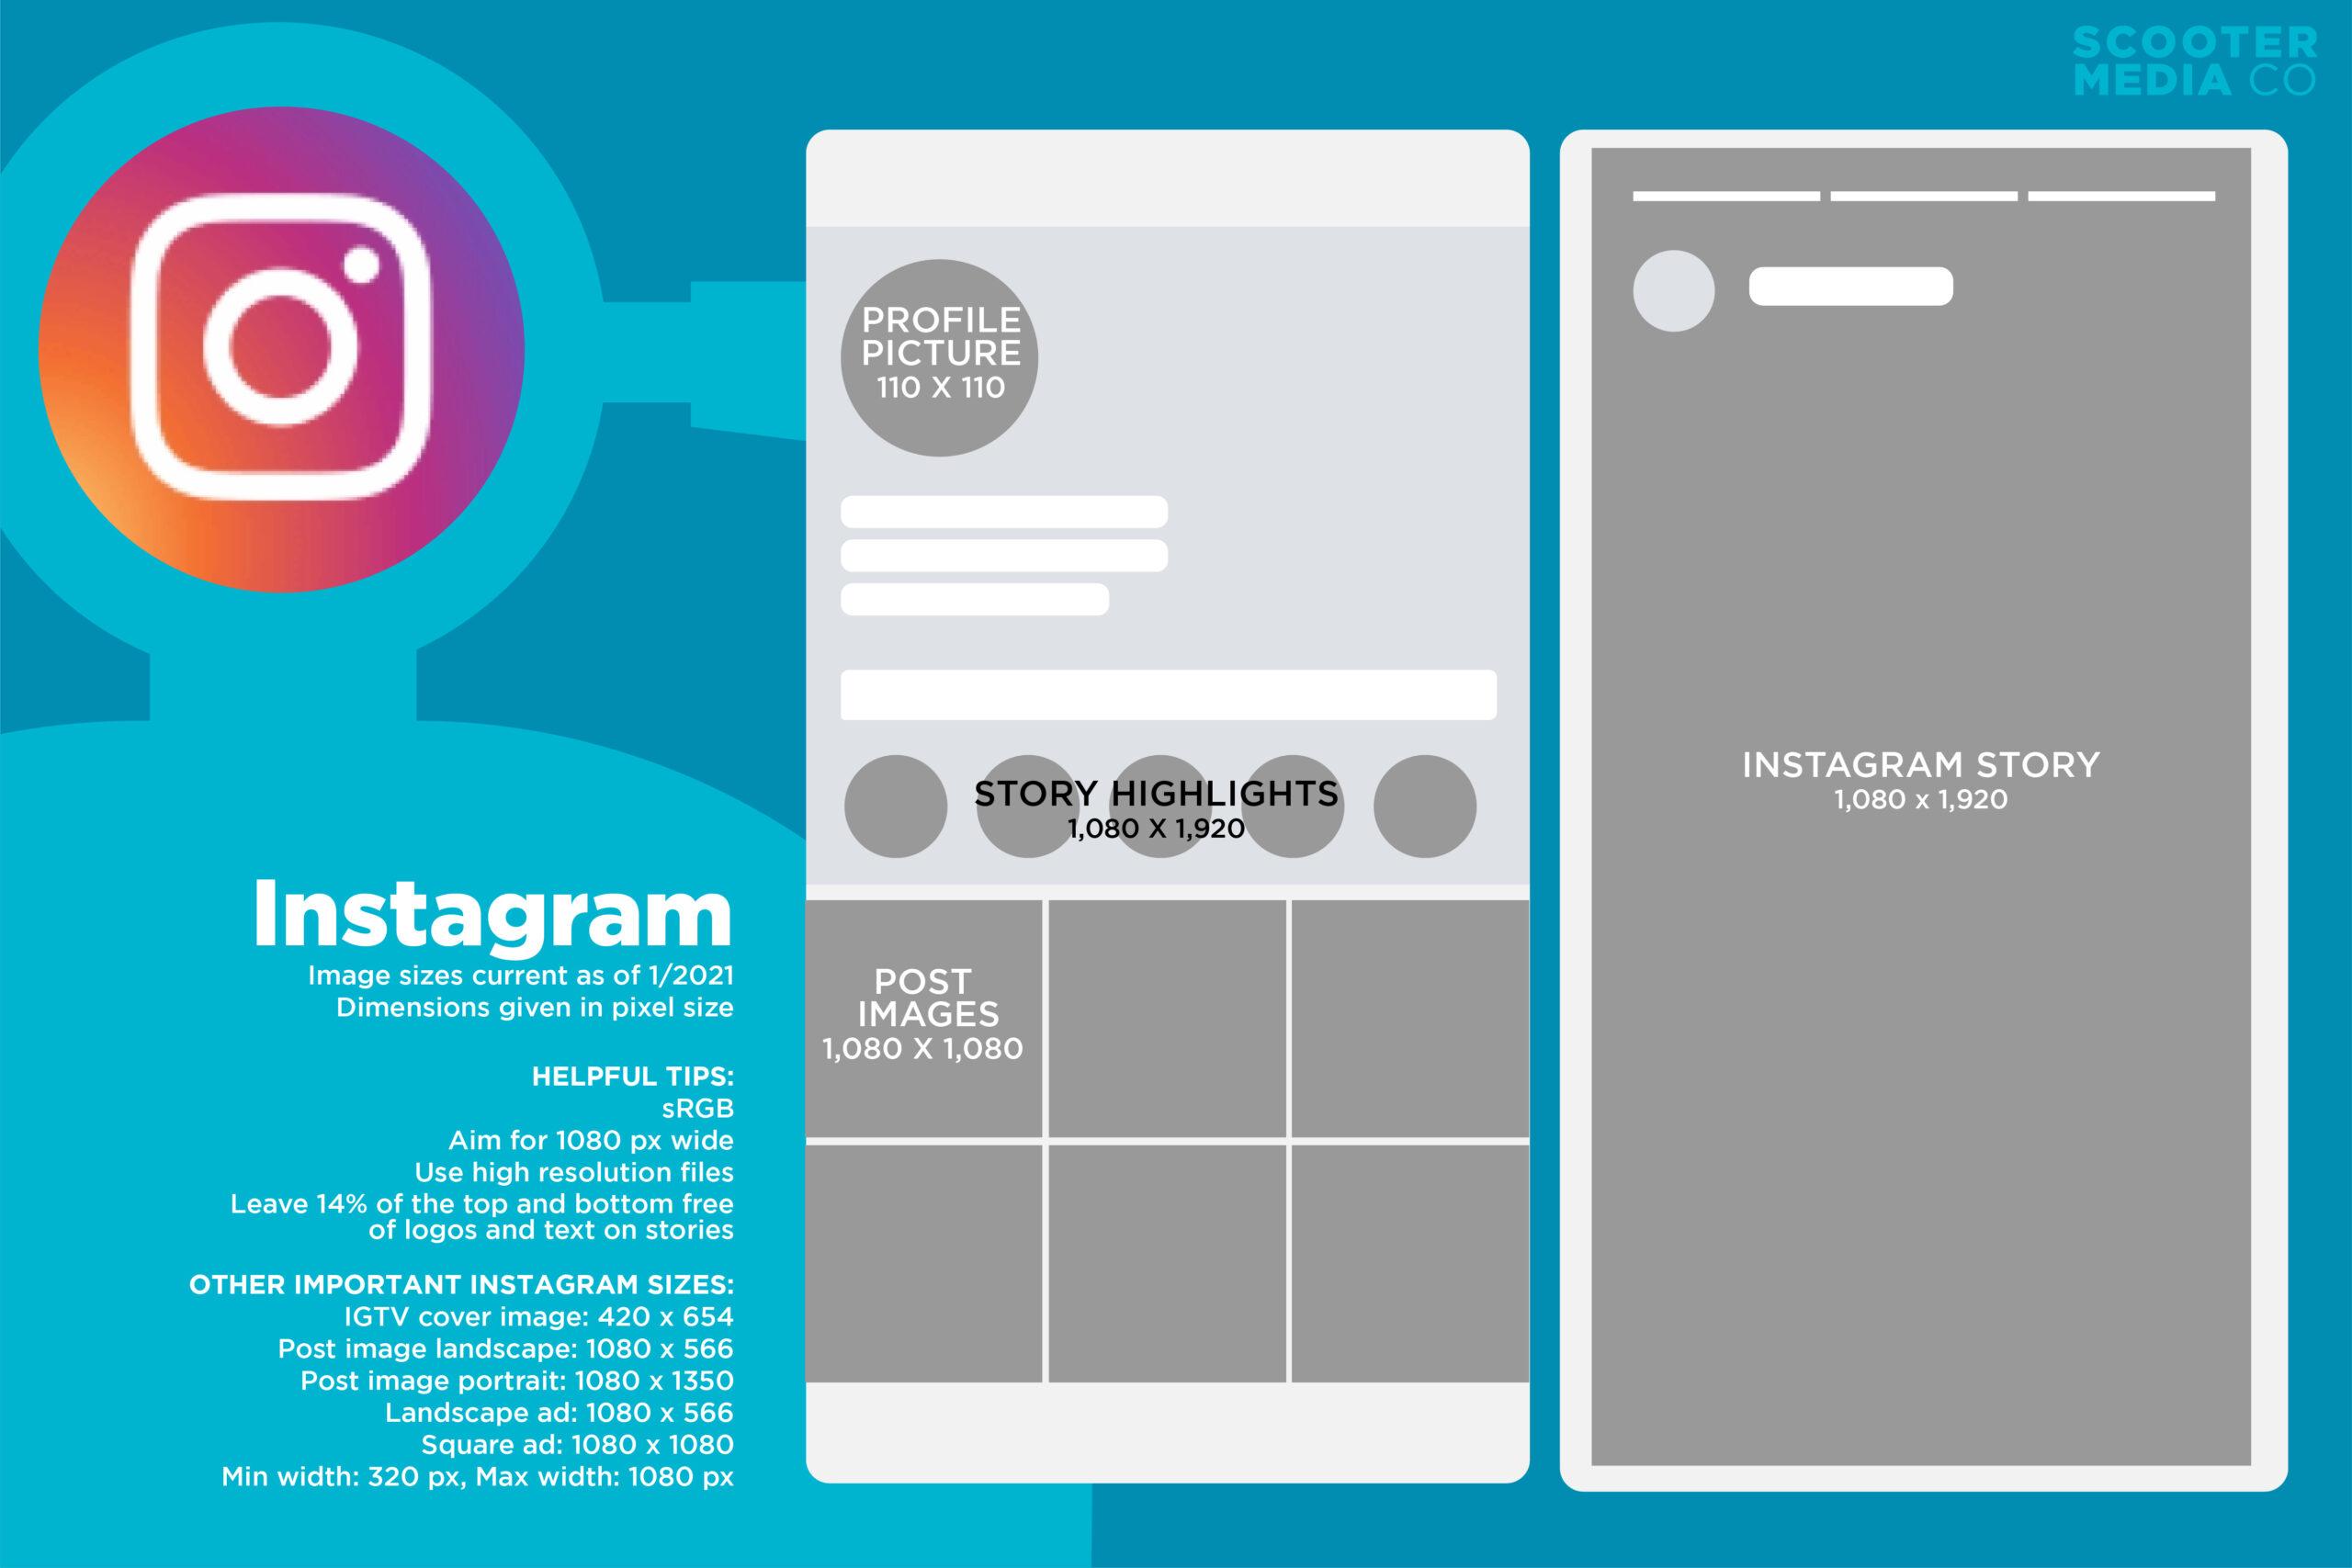 Graphic explaining the proper social media image sizes on Instagram for 2021